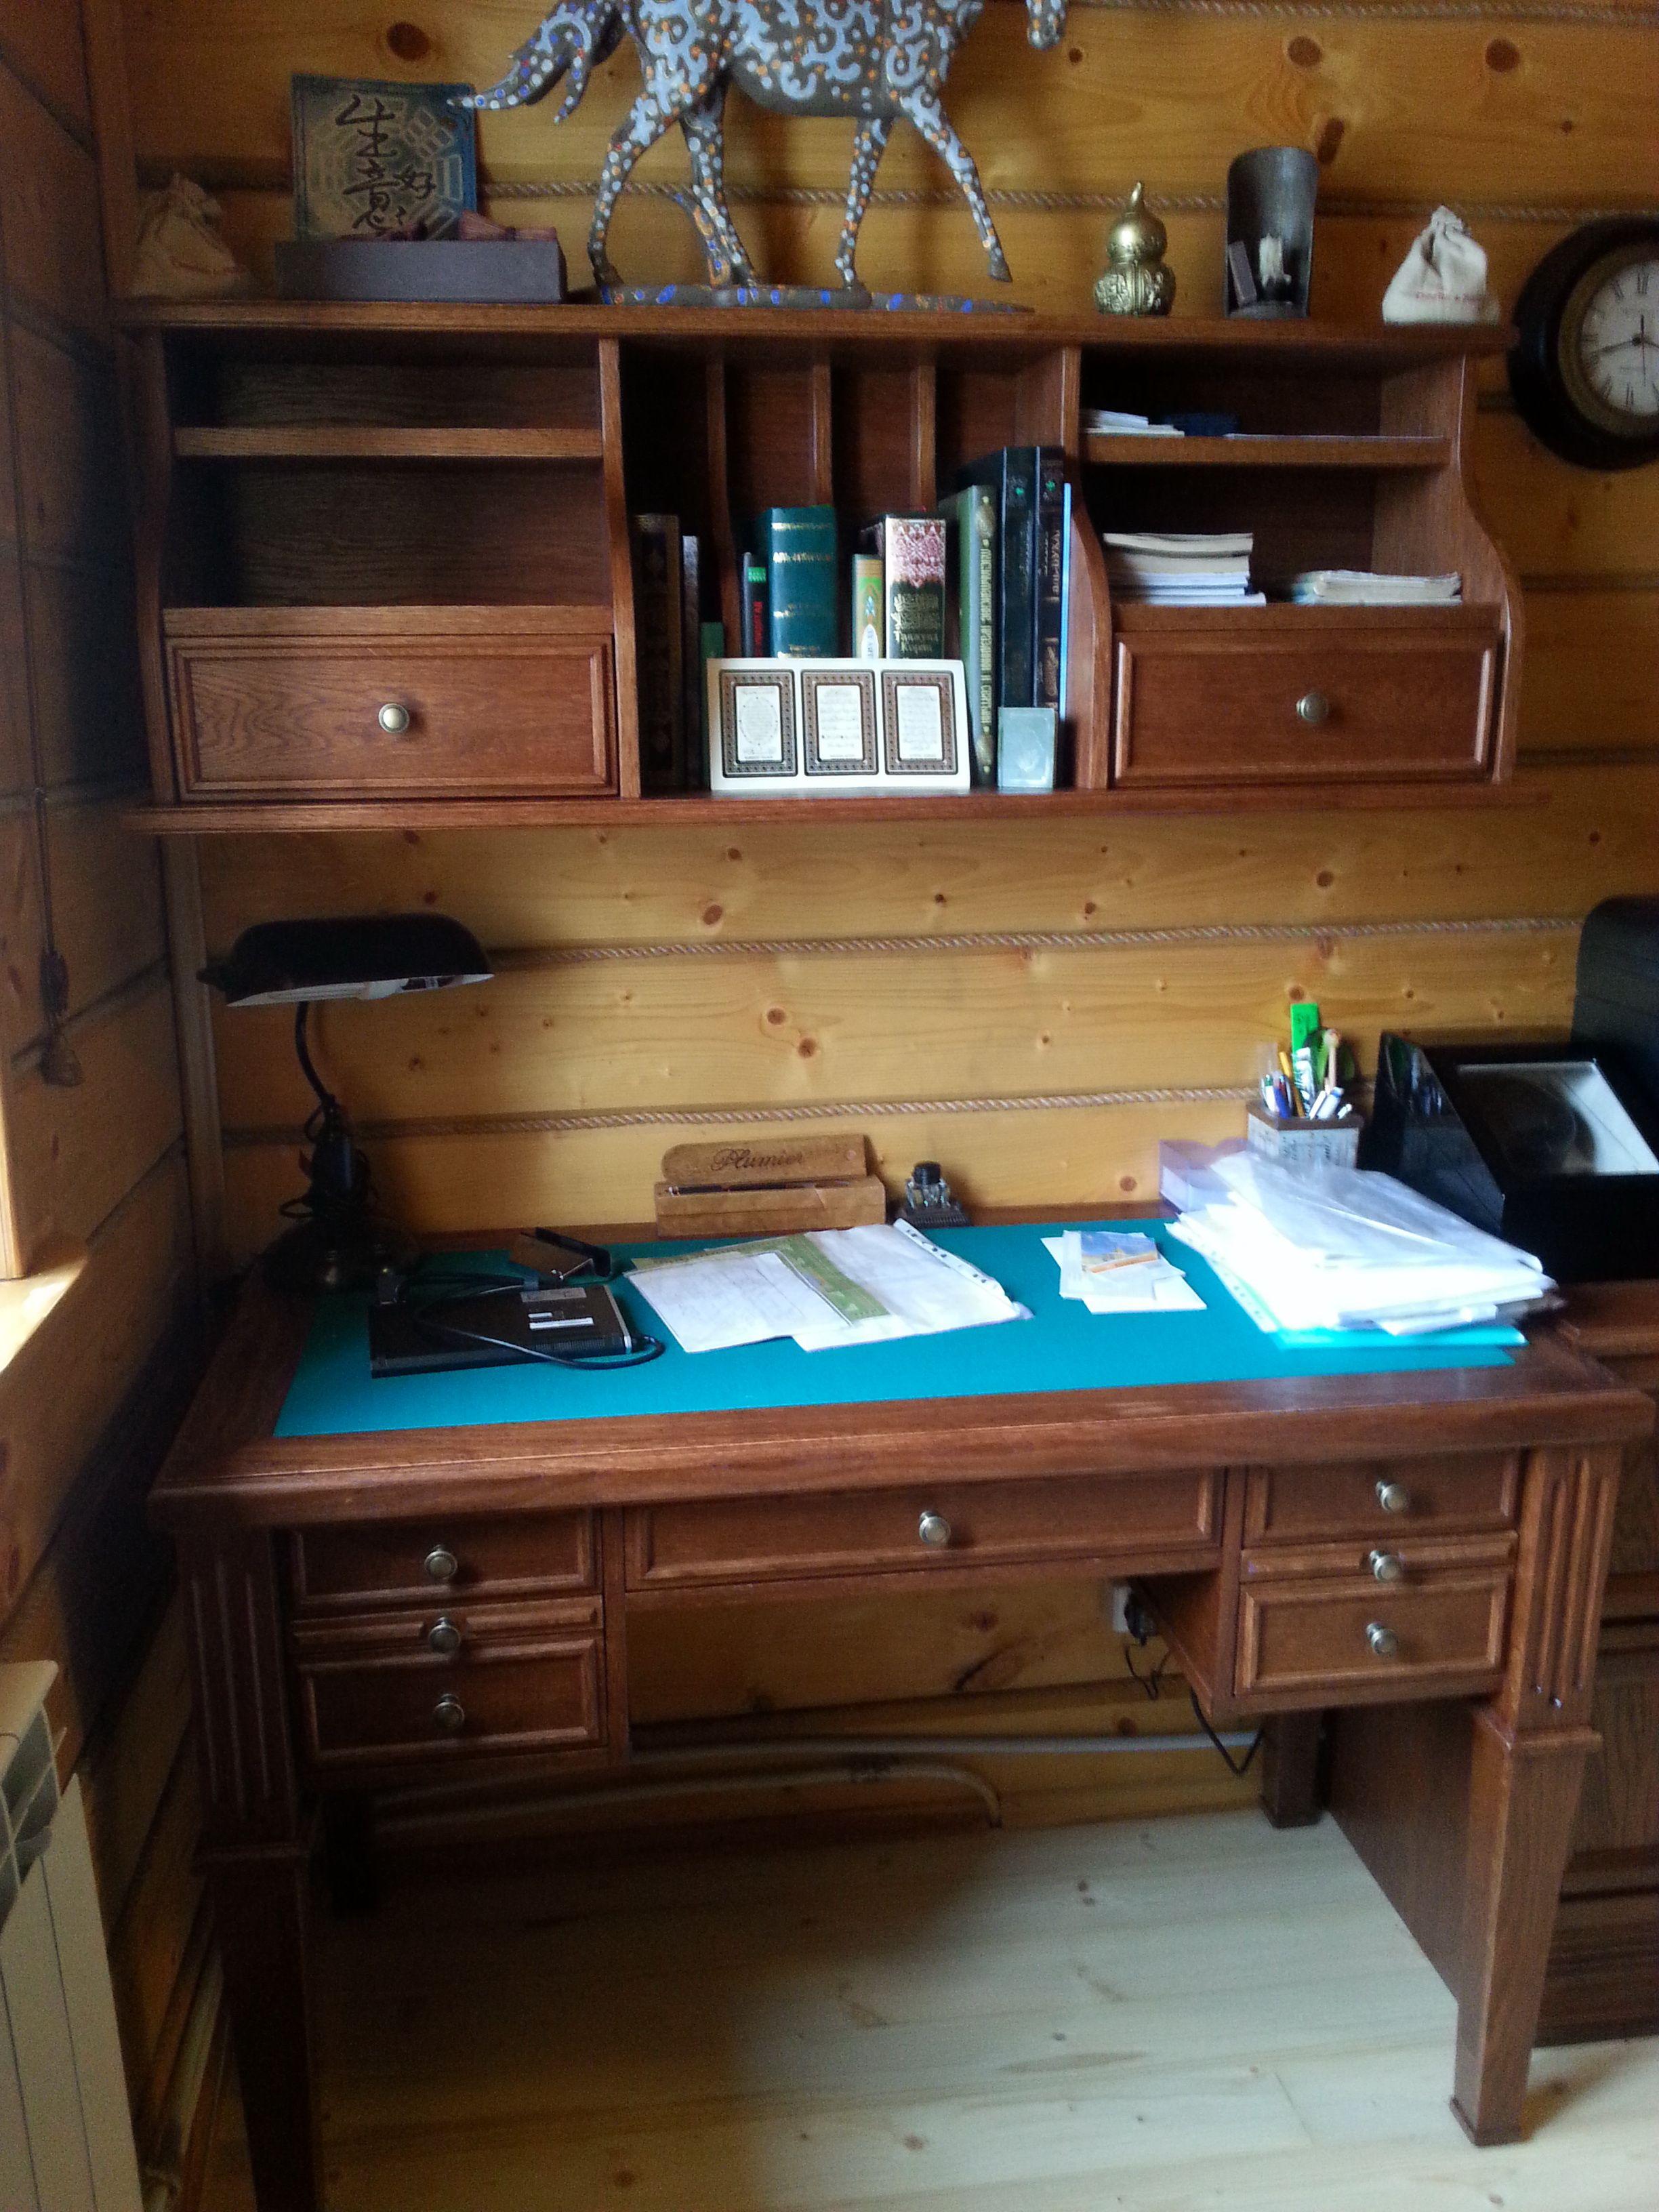 Письменный стол из дуба.При проектировании вдохновились коллекцией кабинета у КвистБьерк, Сукно изпользовали для бильярдных столов.